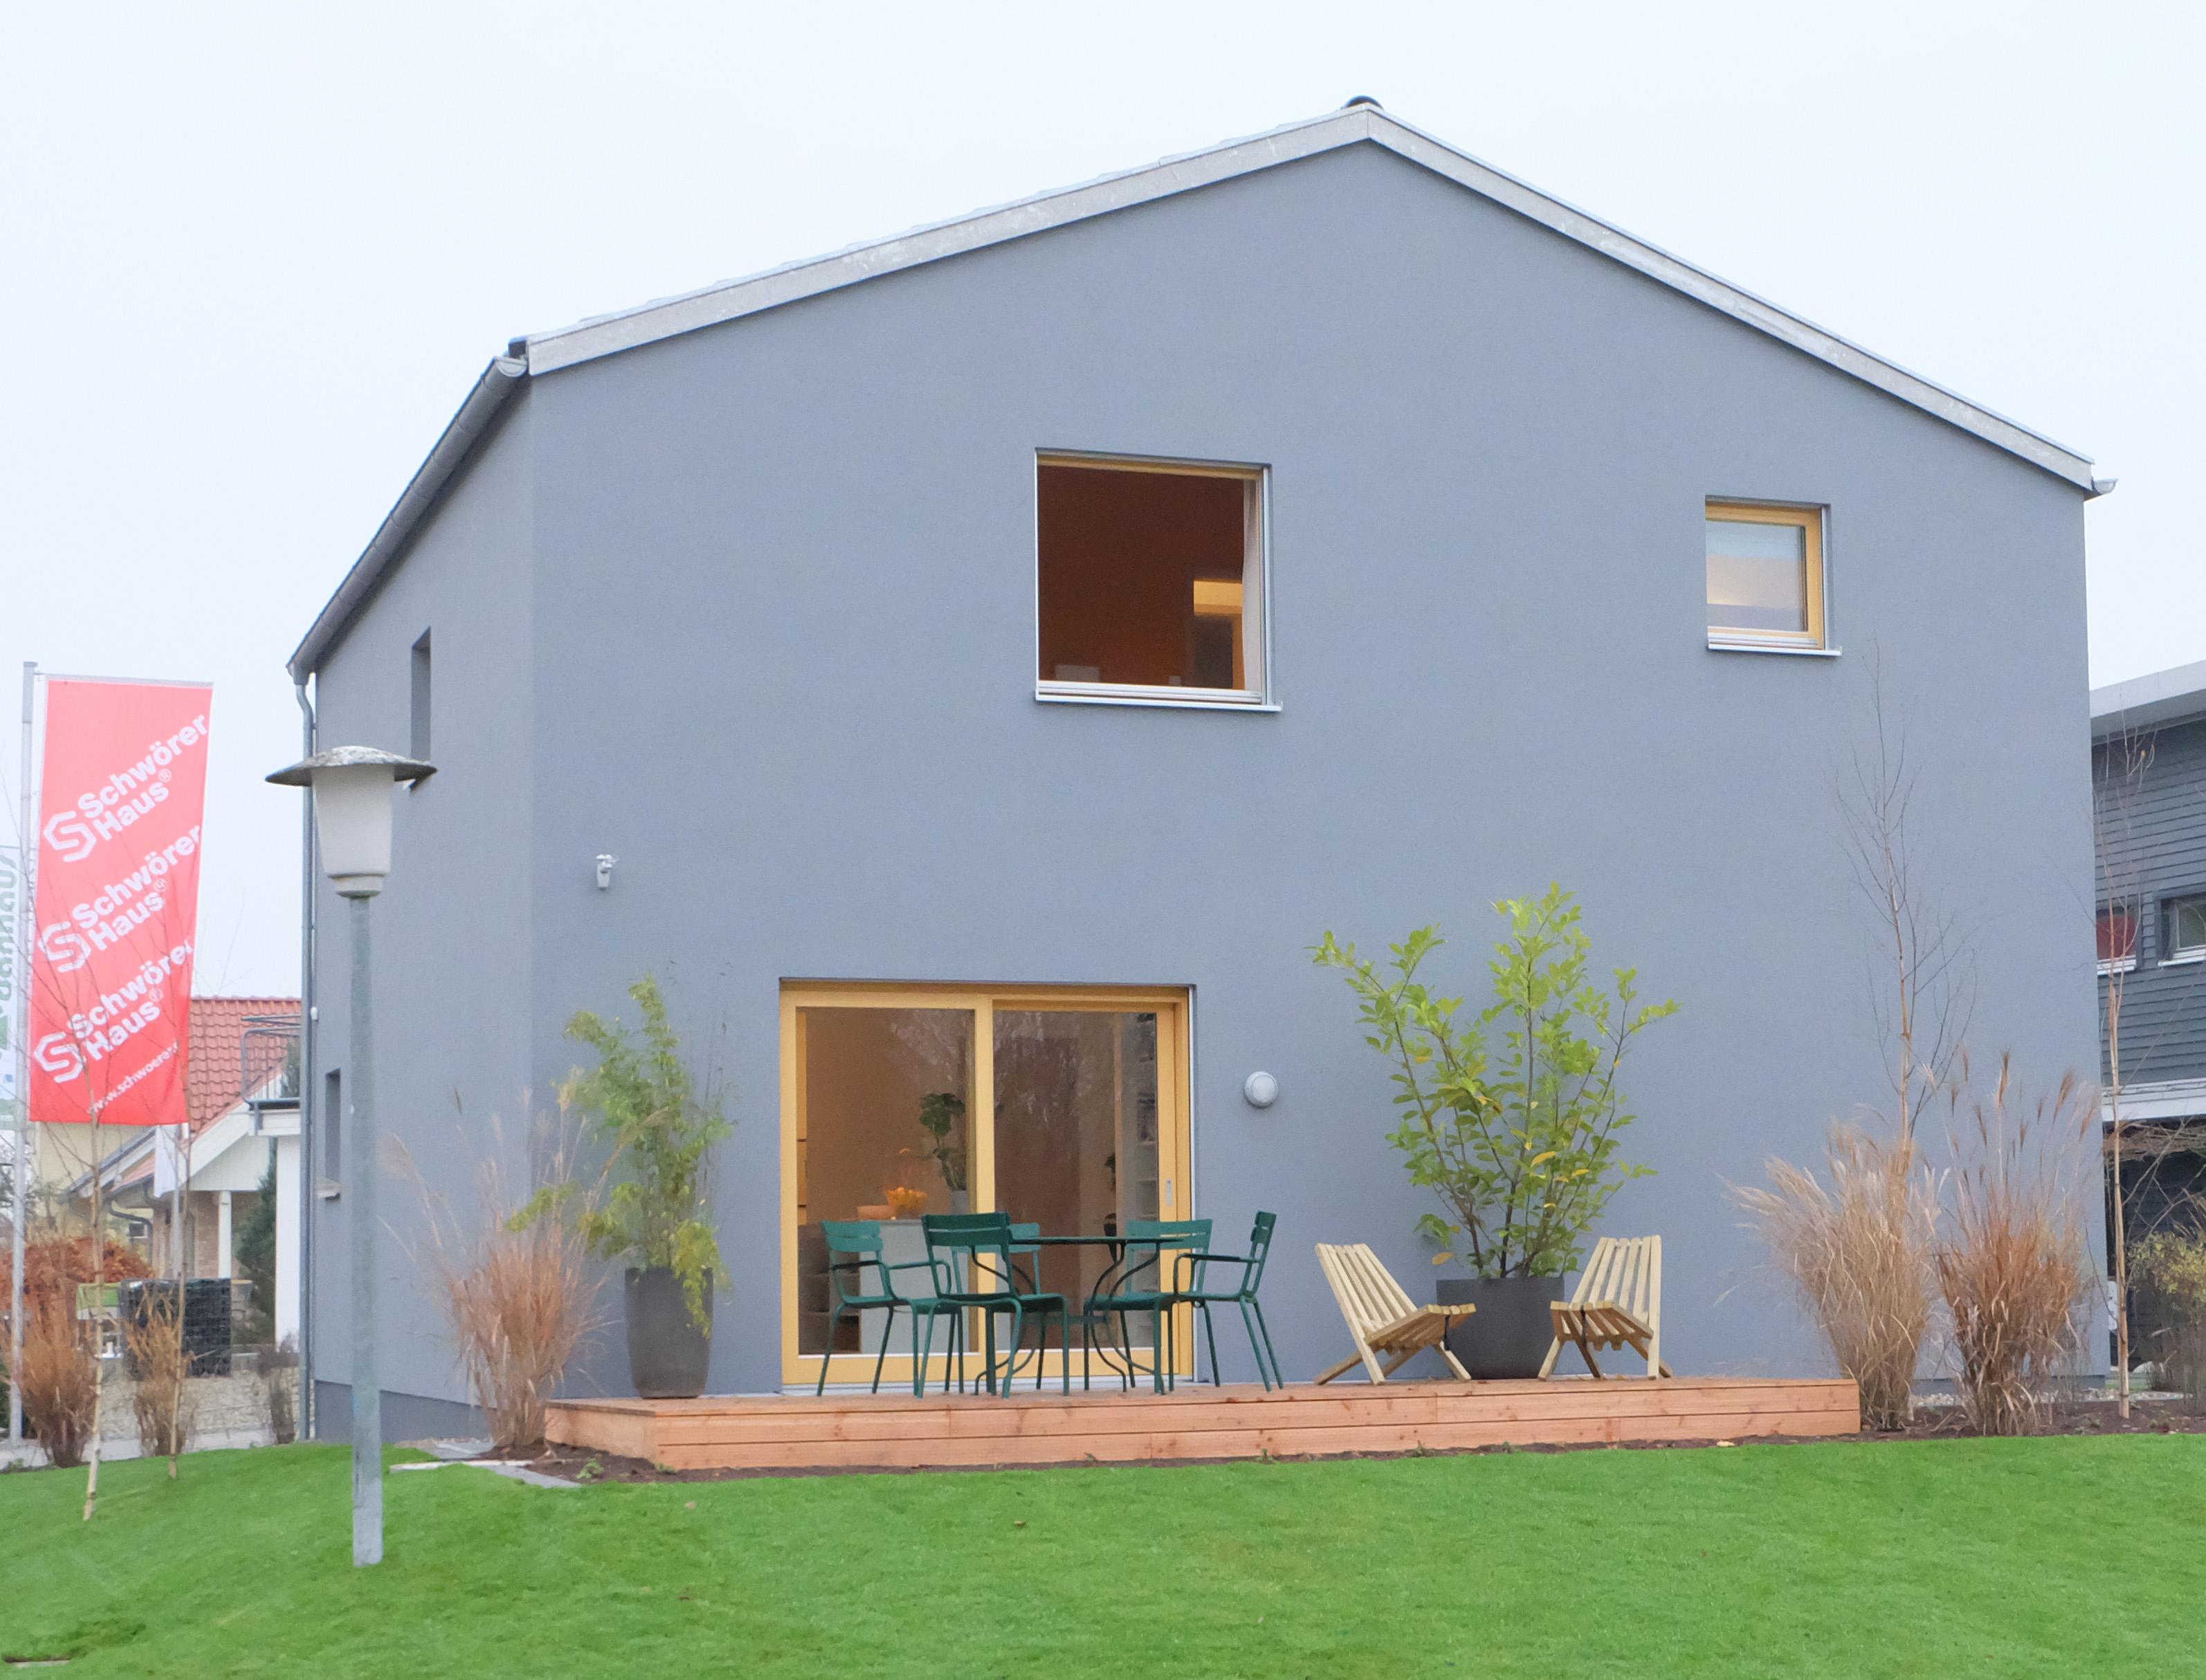 Schöner Wohnen Sentinel Haus Blog